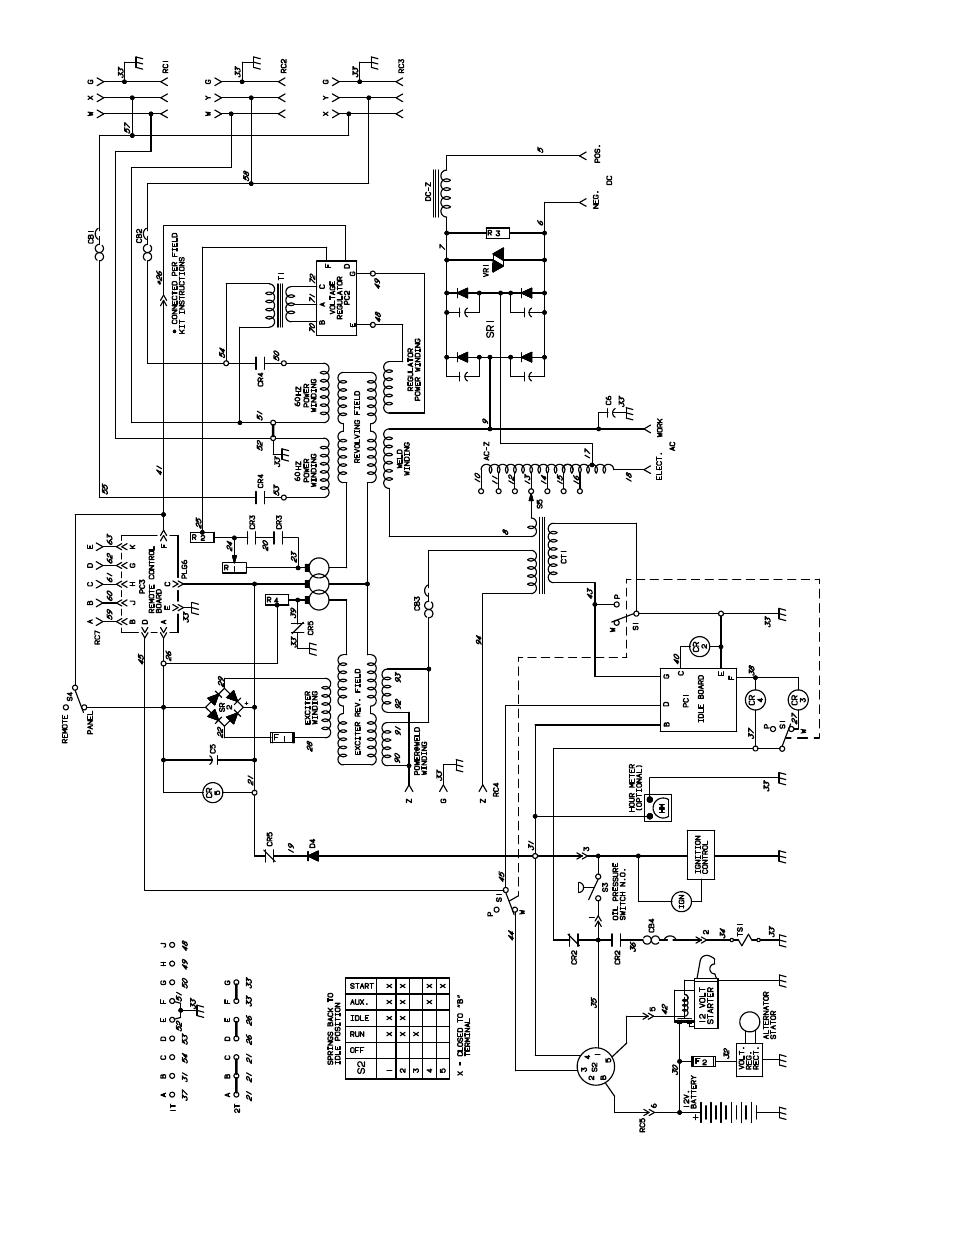 cisco diagram legend